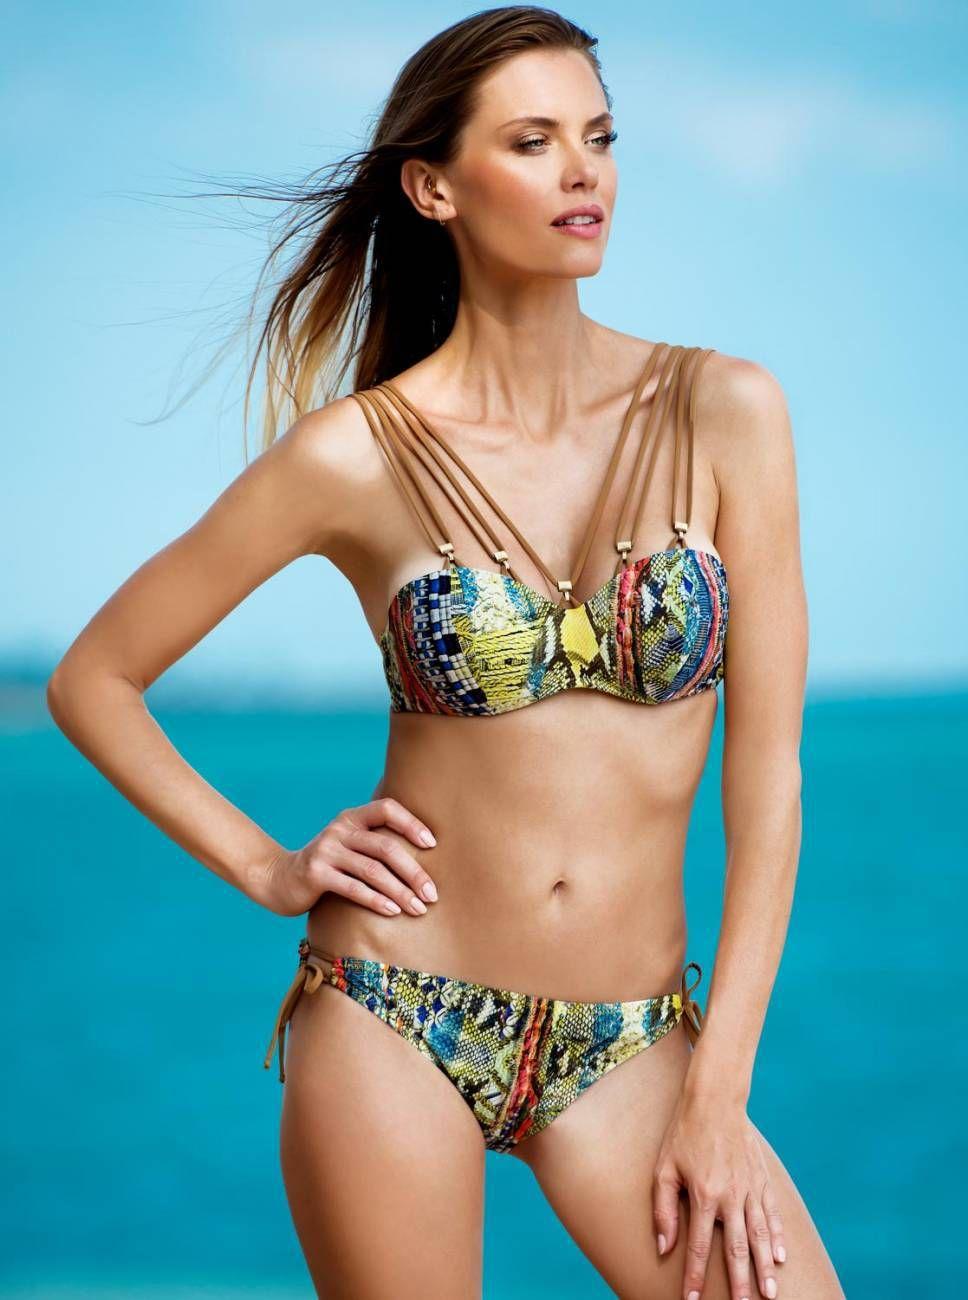 Sıcak Satış ucuz 20PCS / LOT Sıcak Satış ucuz 20PCS / LOT Yeni Avrupa Ve Amerika Bikini Gathers Hard Paketi Kadın Bölünmüş yüzer yazdır